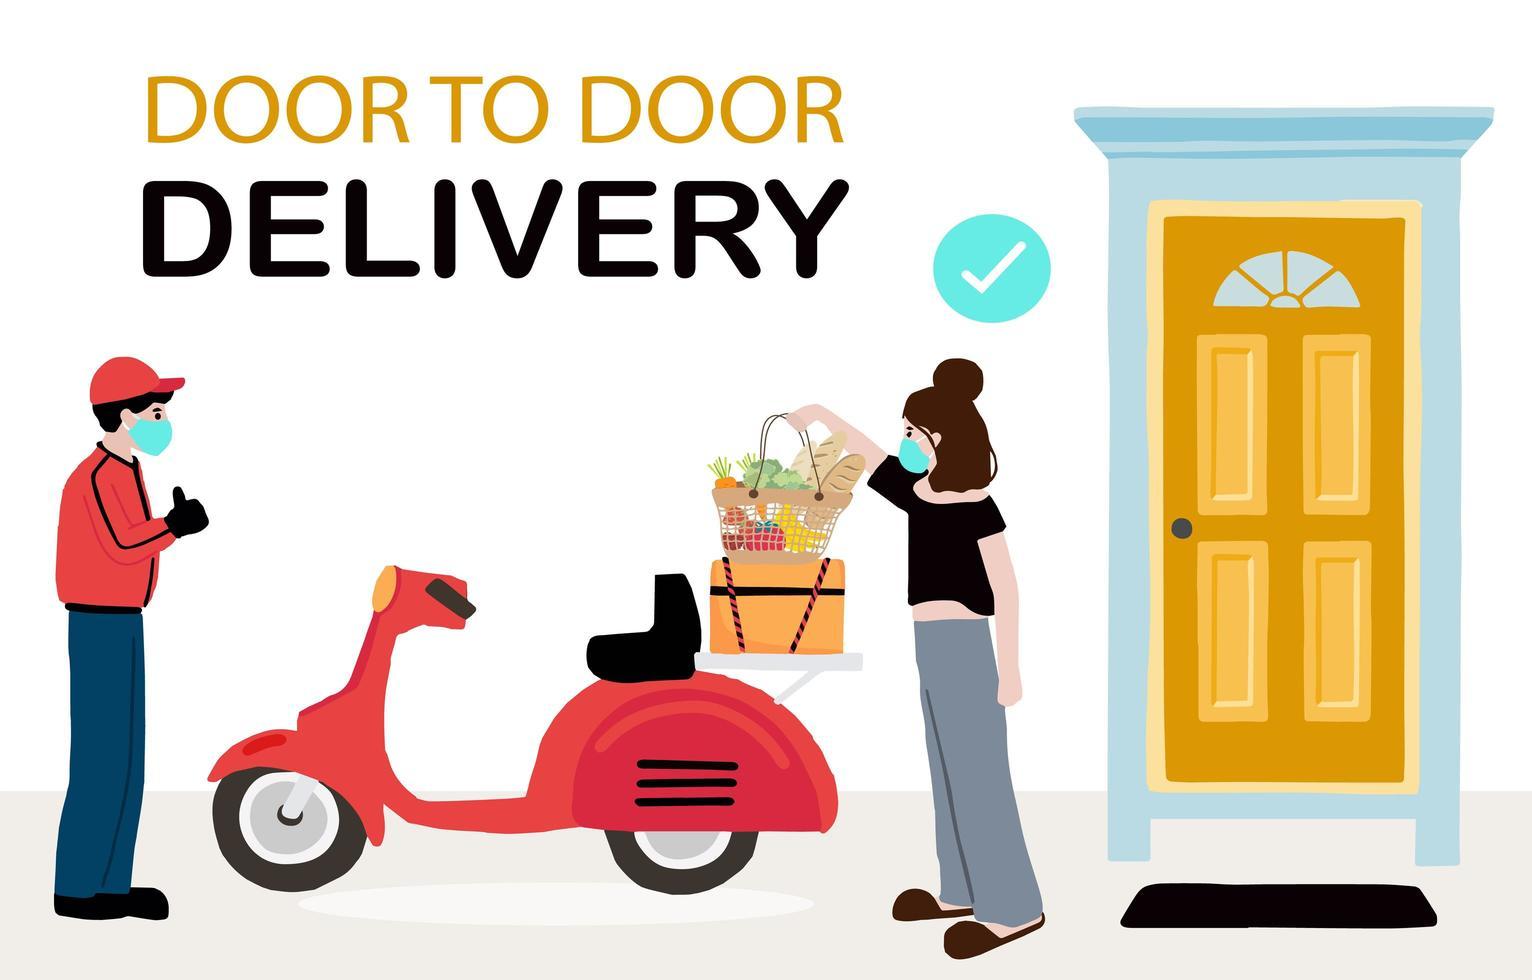 servicio sin contacto de entrega en línea para el diseño del hogar vector